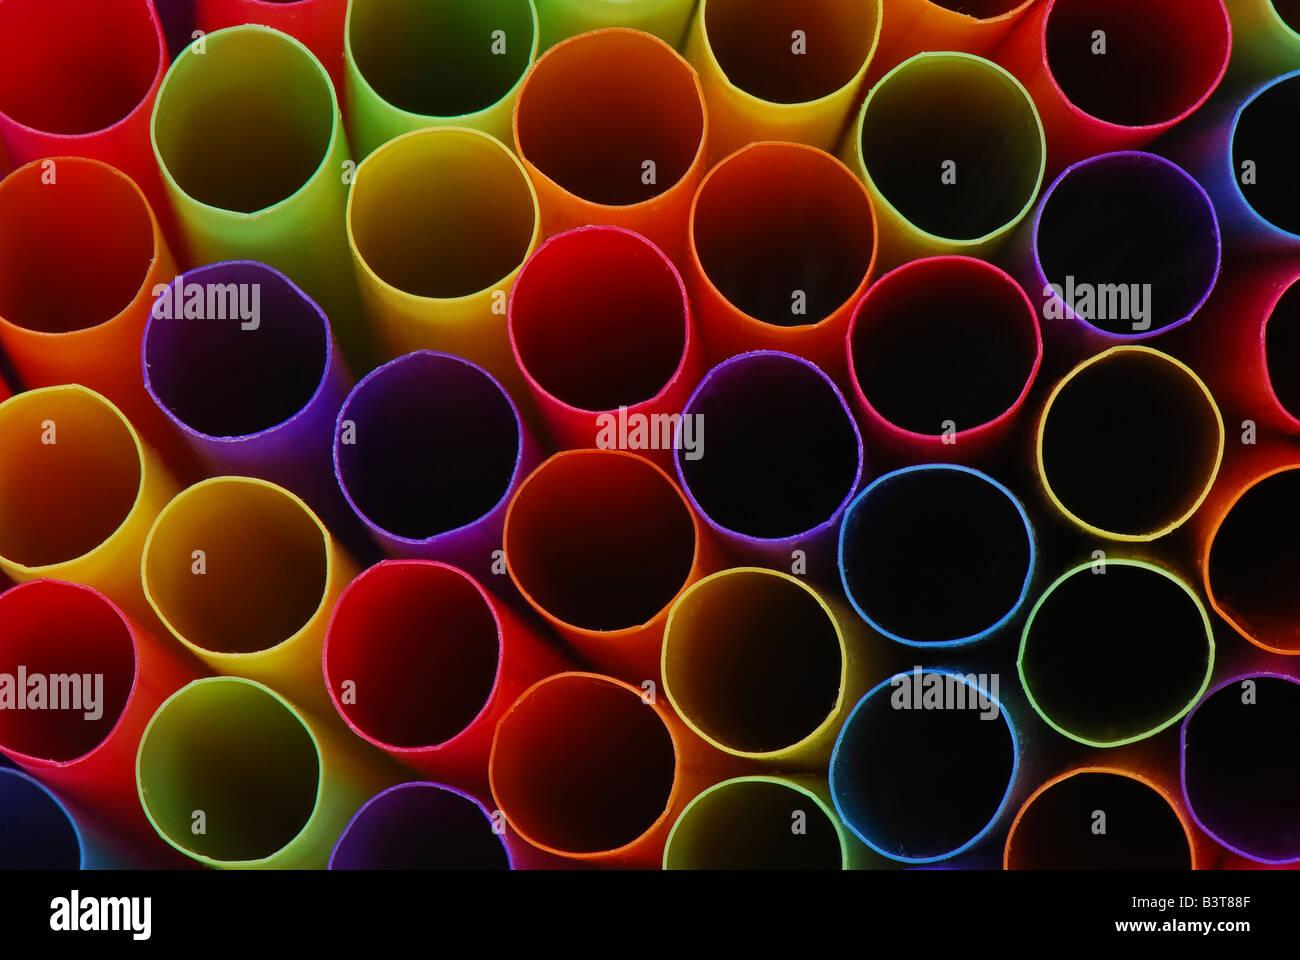 Résumé de l'extrémités de pailles multicolores. Photo Stock